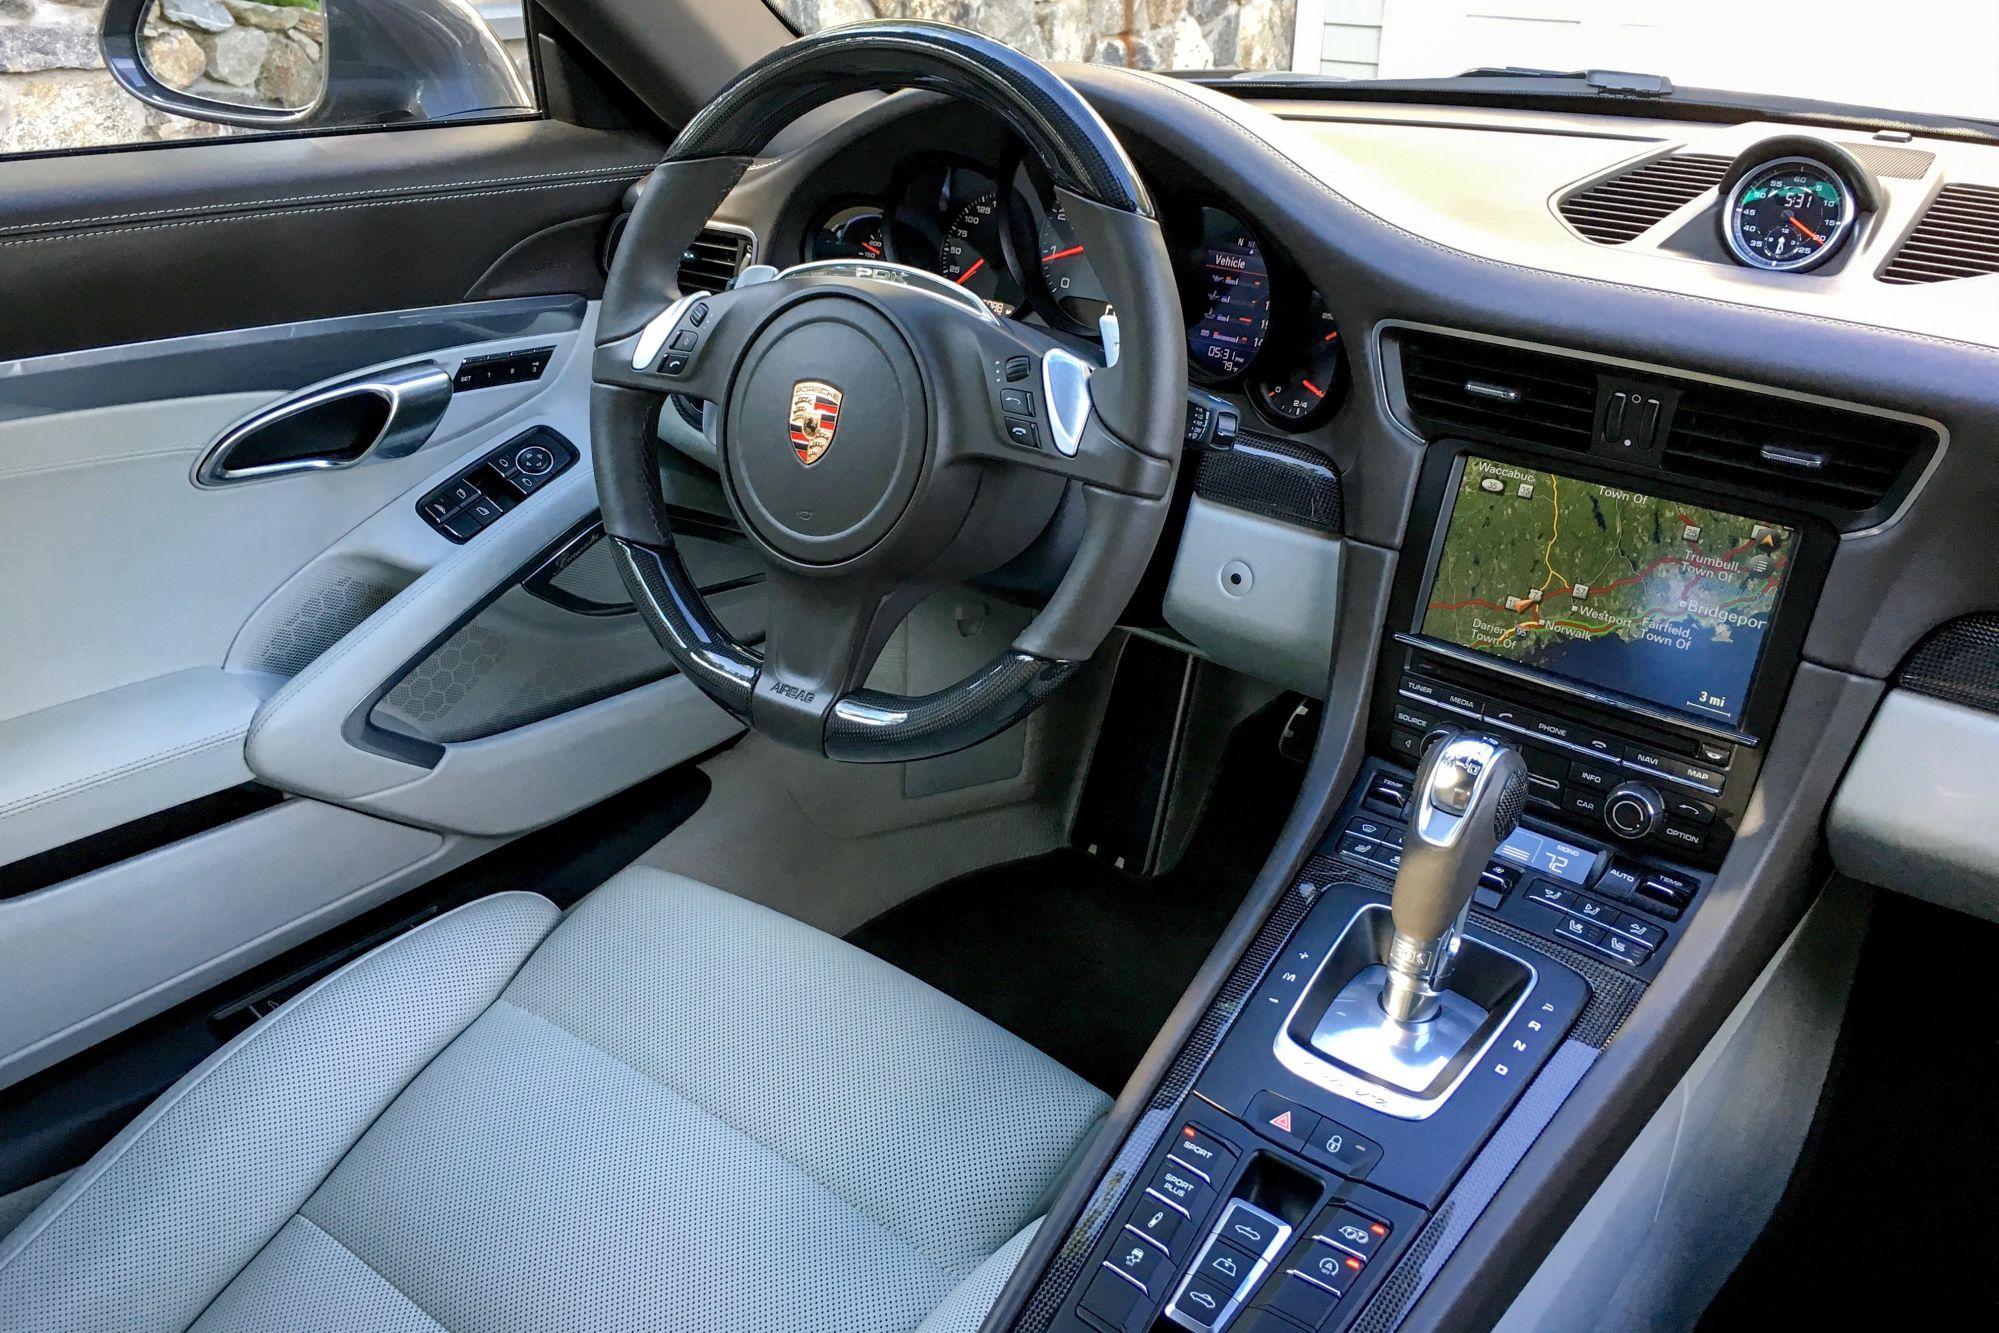 Porsche steering wheel-before